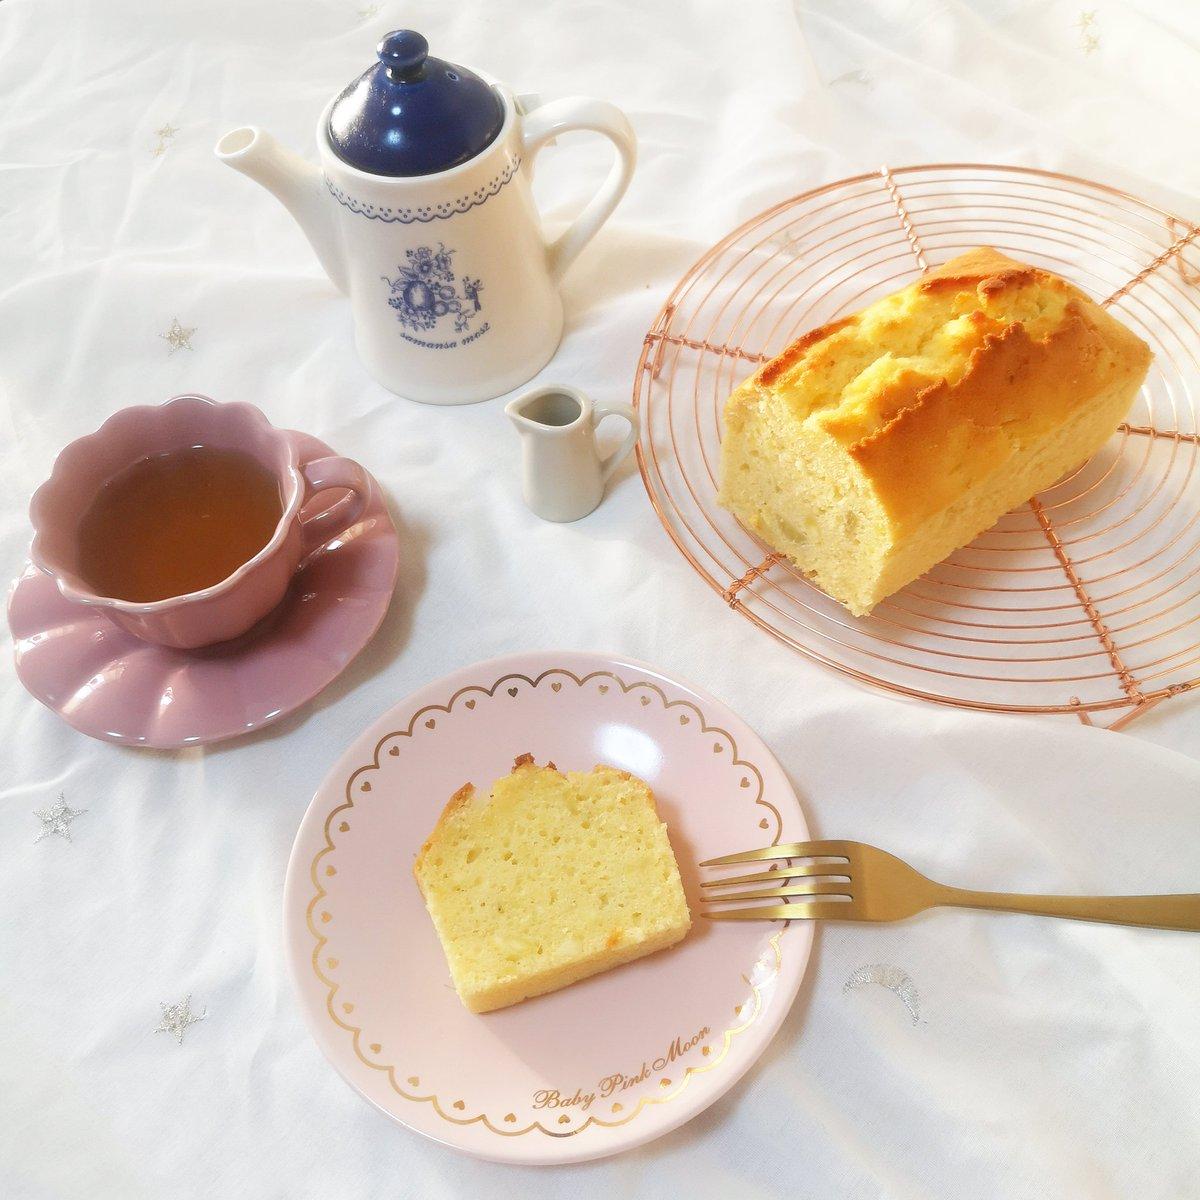 福岡の料理家、toiroさんのレシピでさつまいもケーキを作りました🍠お芋好きさんのための!さつまいもケーキ★ by トイロ*